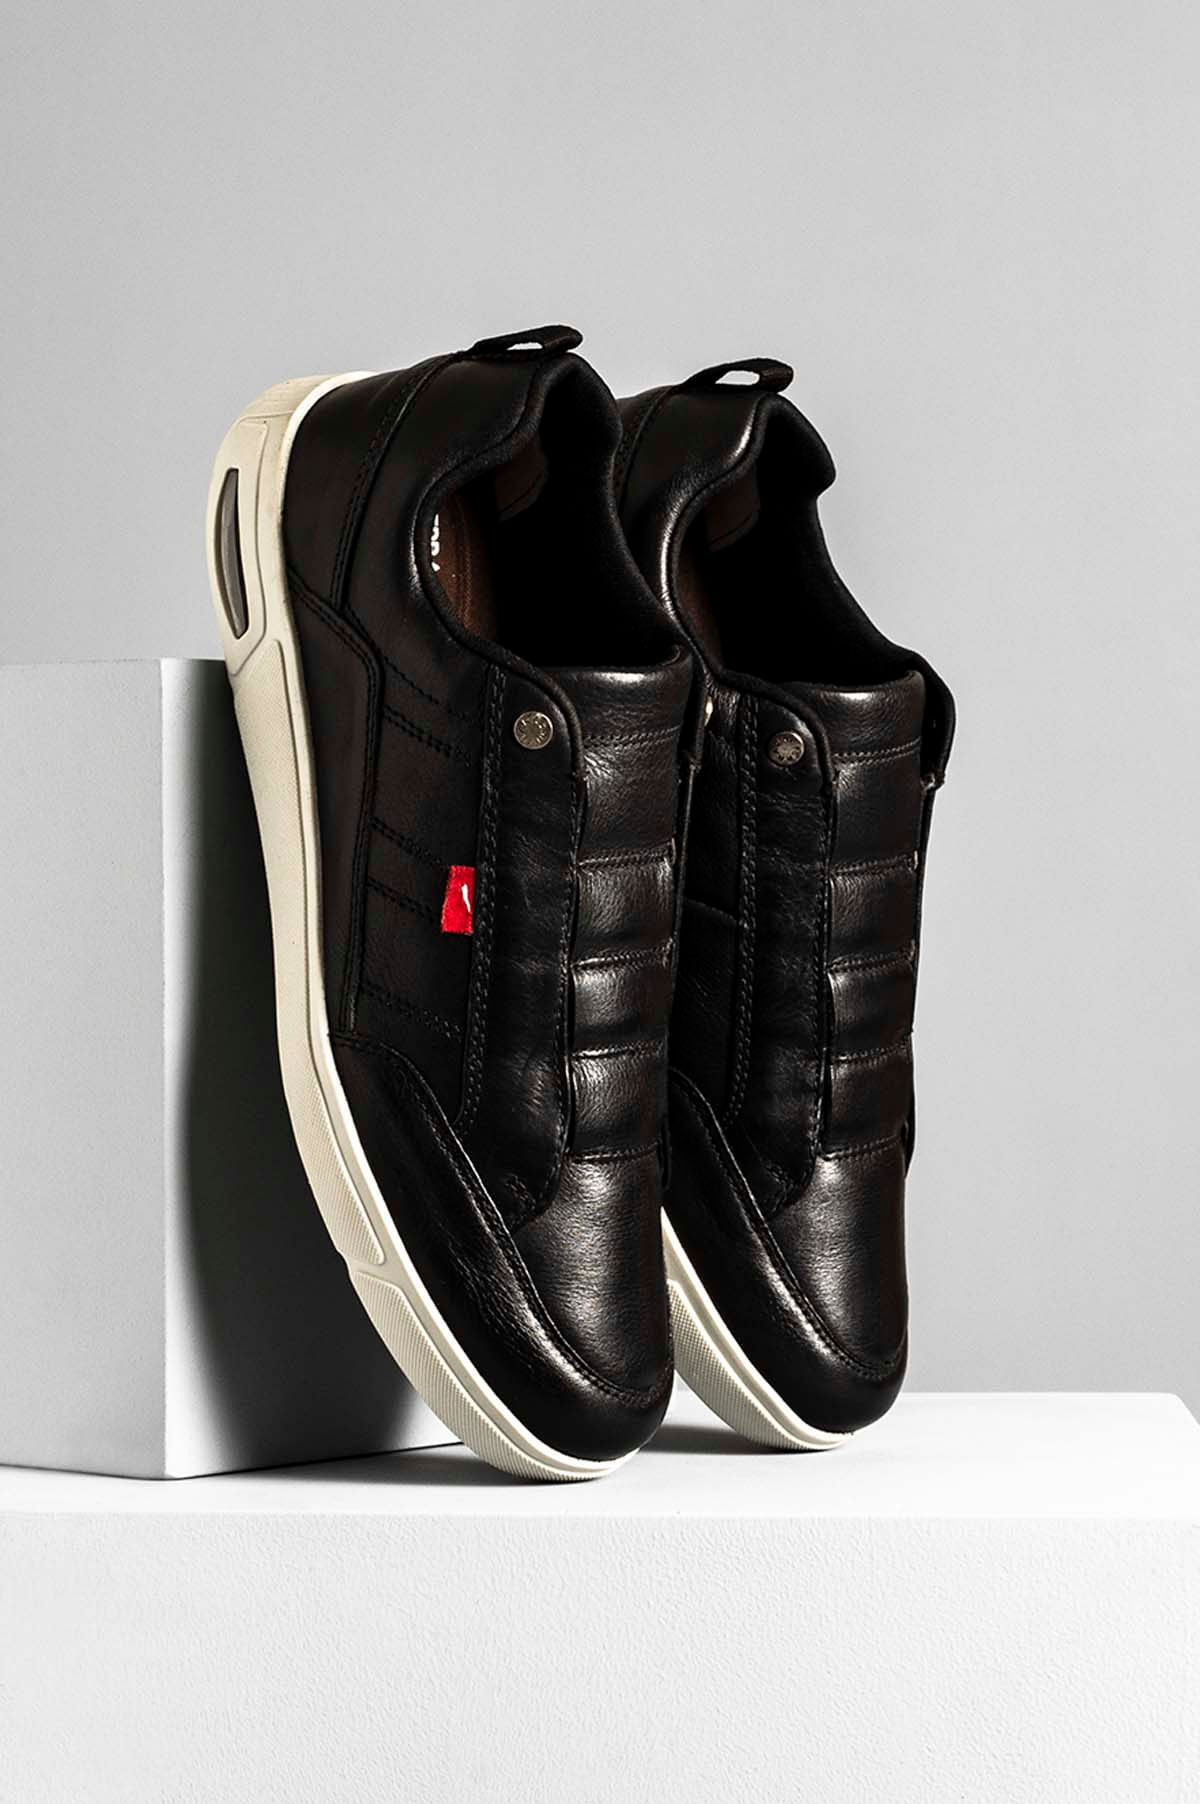 78aa6d36ec096 Sapatênis Ferracini Max Float Nathan CR-PRETO - Mundial Calçados